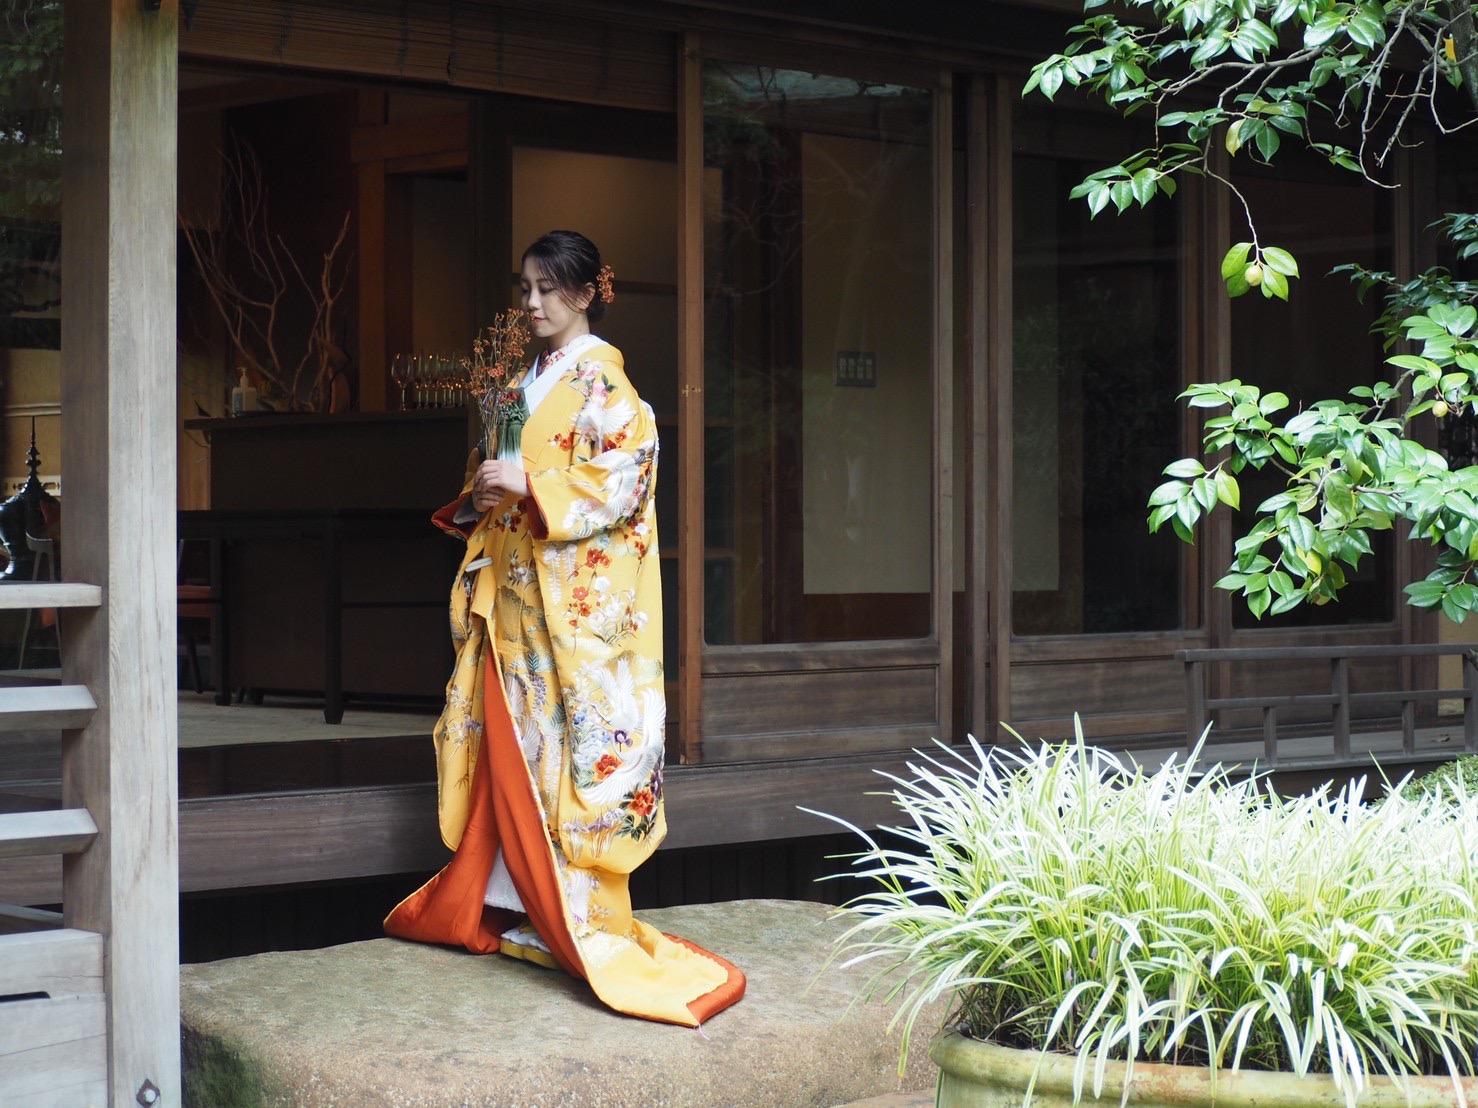 ザ・トリートドレッシング神戸店が提携している蘇州園に映える色打掛のご紹介